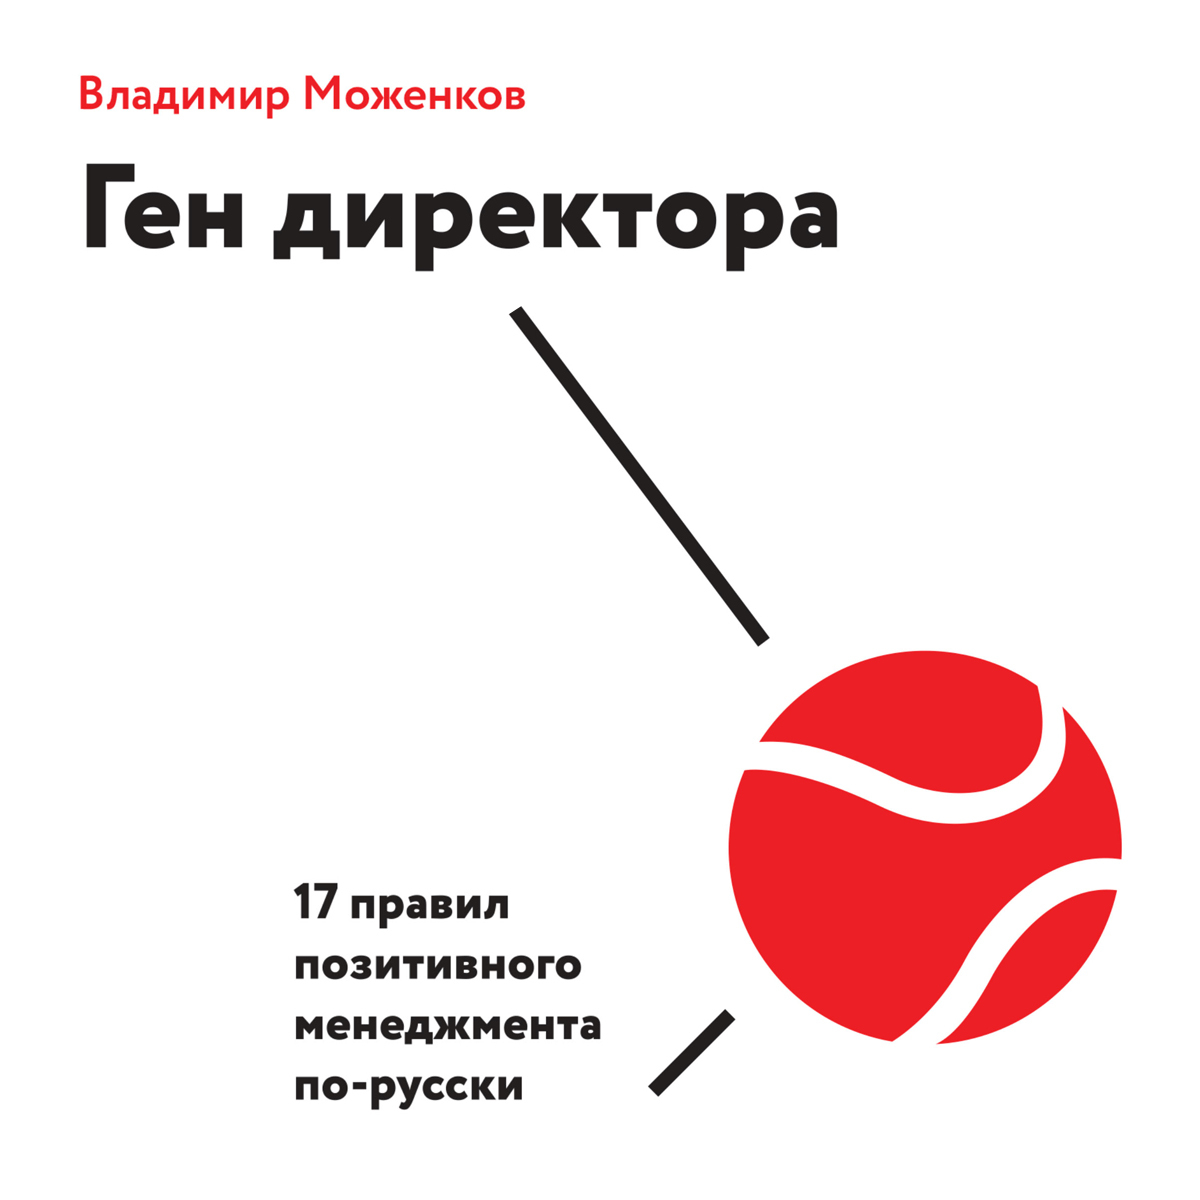 Владимир Моженков Ген директора. 17 правил позитивного менеджмента по-русски автомобиль с пробегом ауди в краснодаре